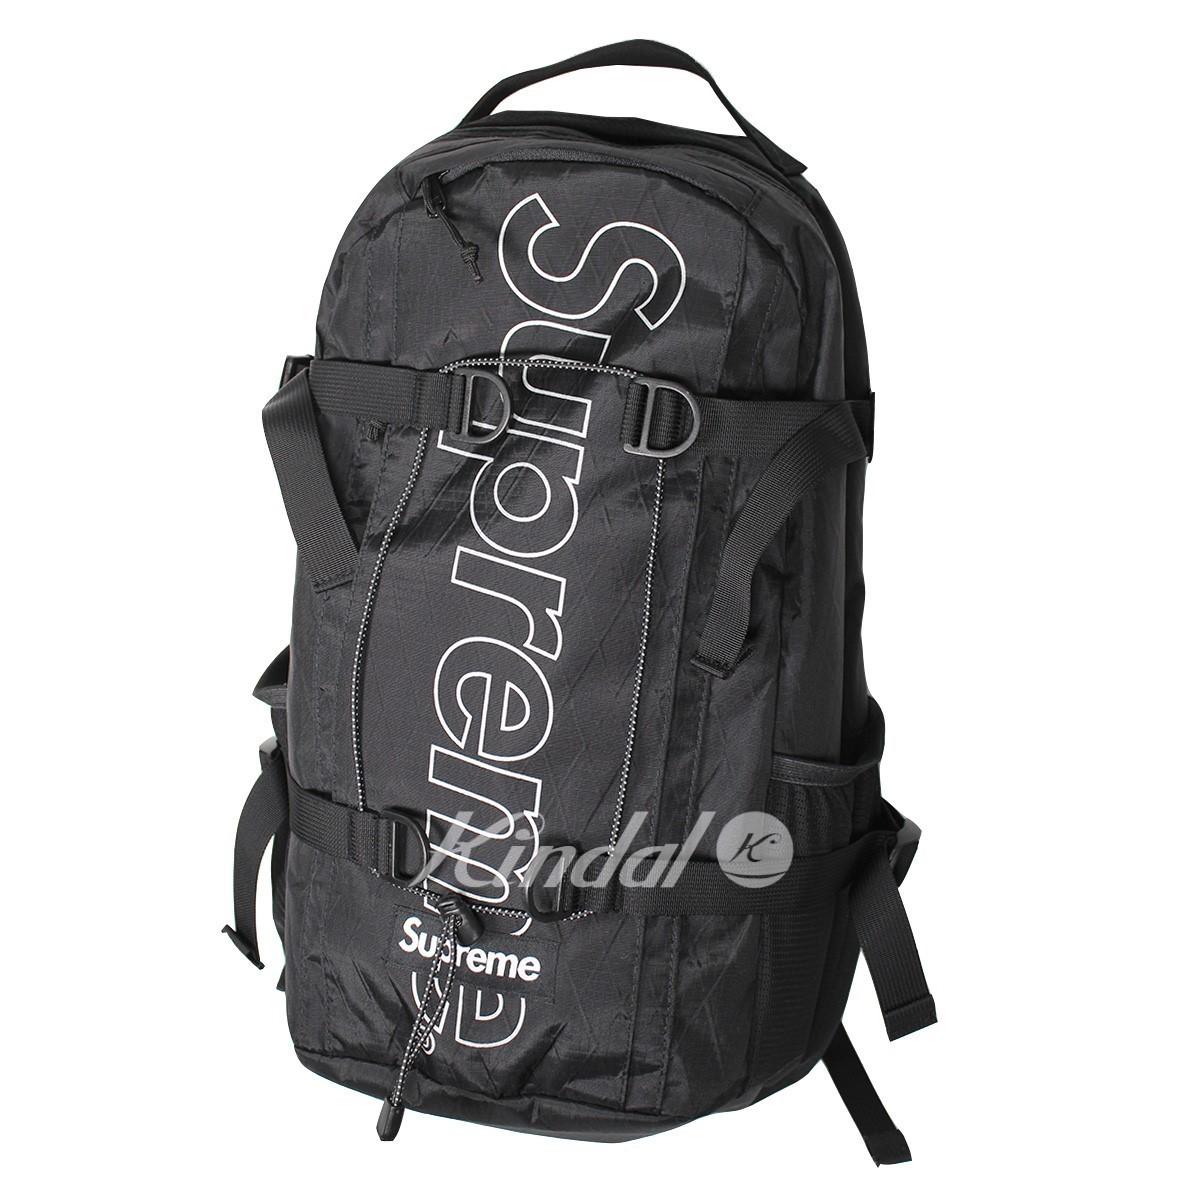 【中古】SUPREME 18AW Backpack ボックスロゴバックパック ブラック 【170419】(シュプリーム)